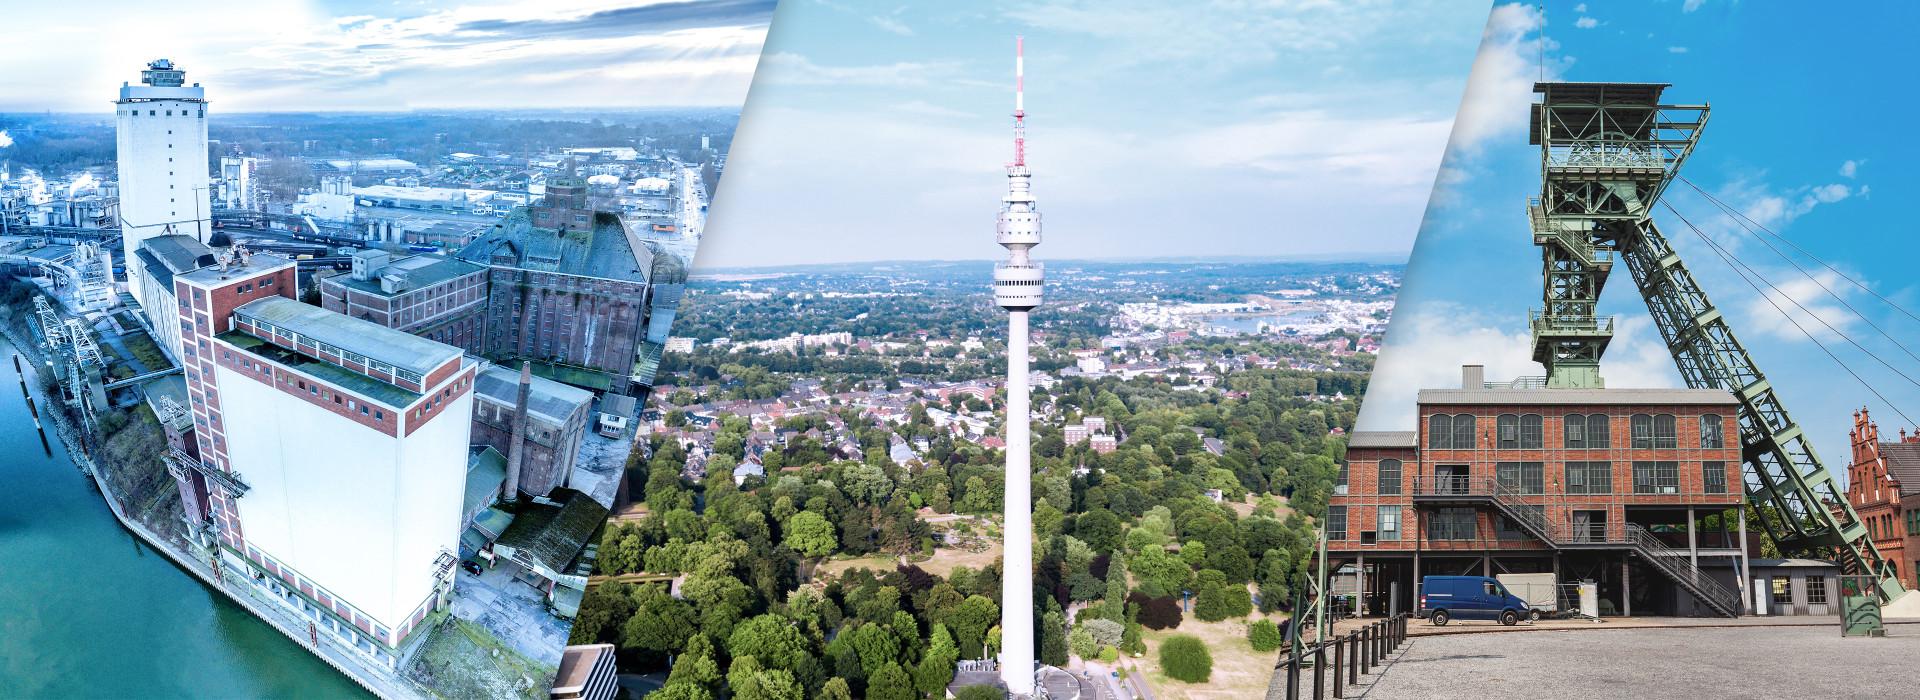 STILL Hauptniederlassung Dortmund